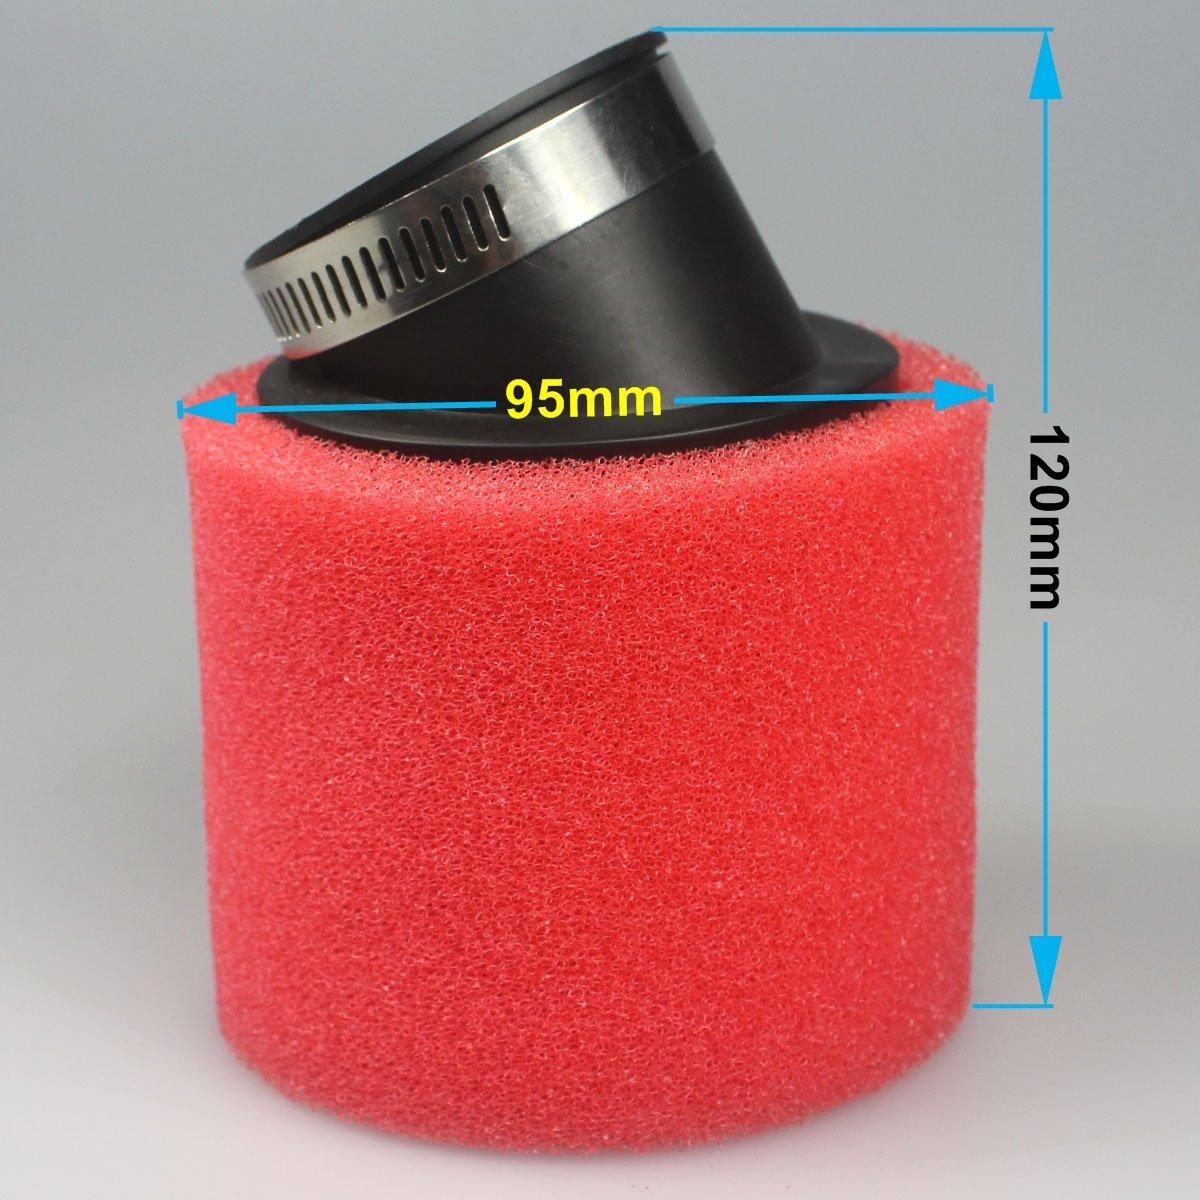 Ailes 45/mm Rouge filtre /à air double couche /éponge en mousse pour aspirateur 125/140/150/cc CRF KLX V/élo